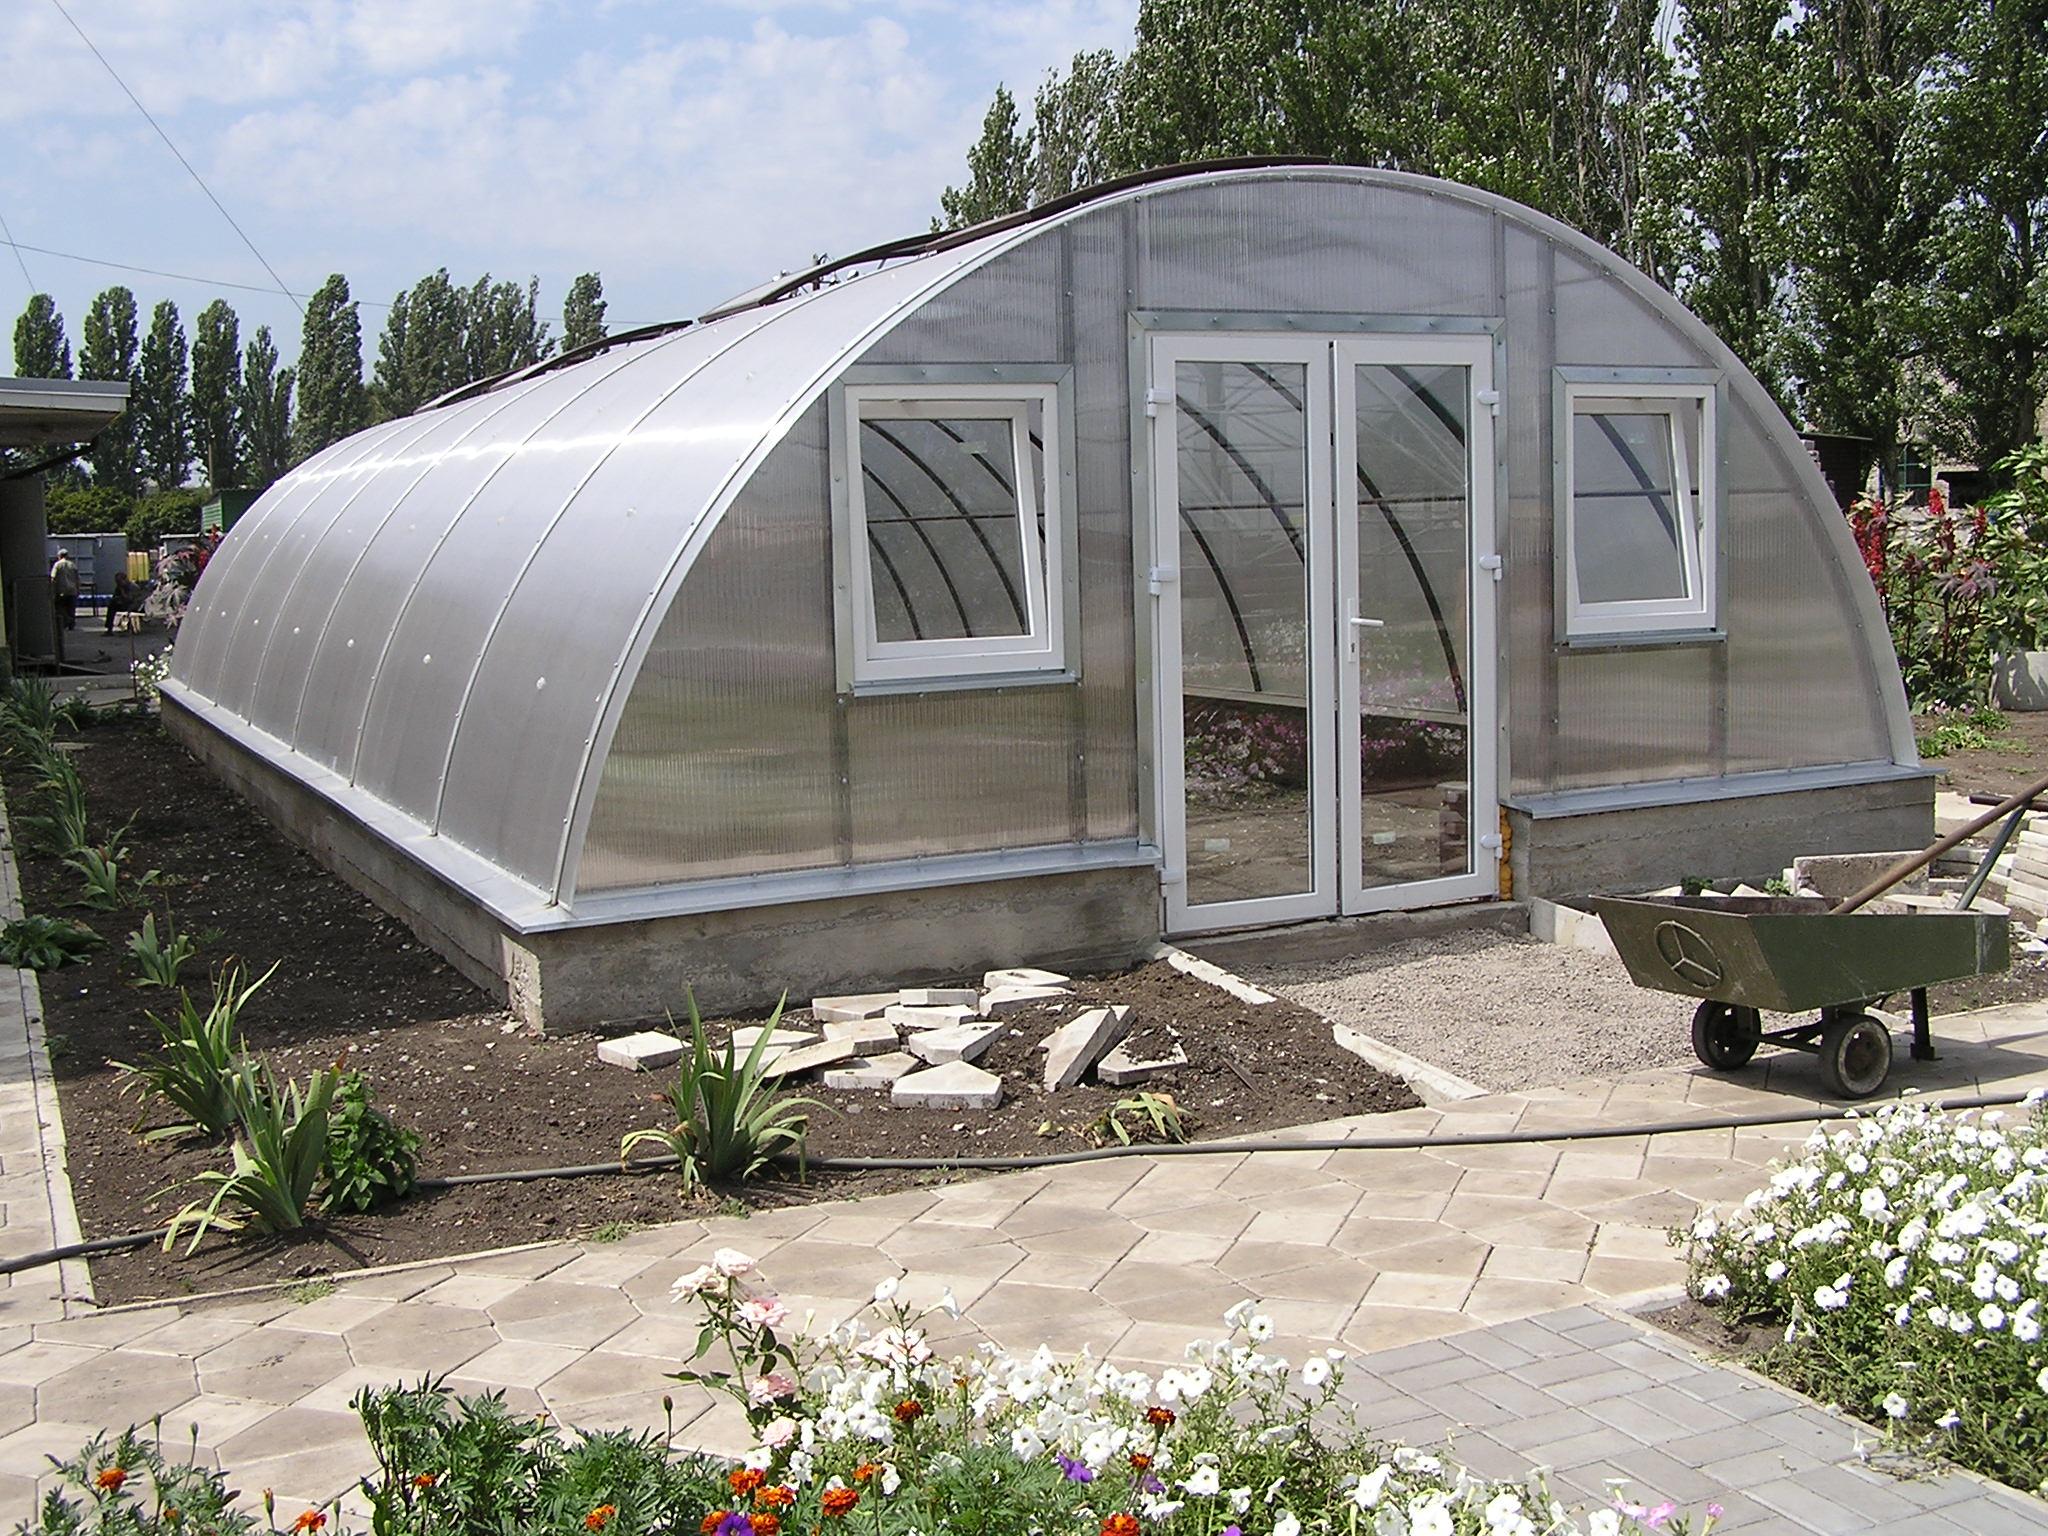 теплица термос для выращивания